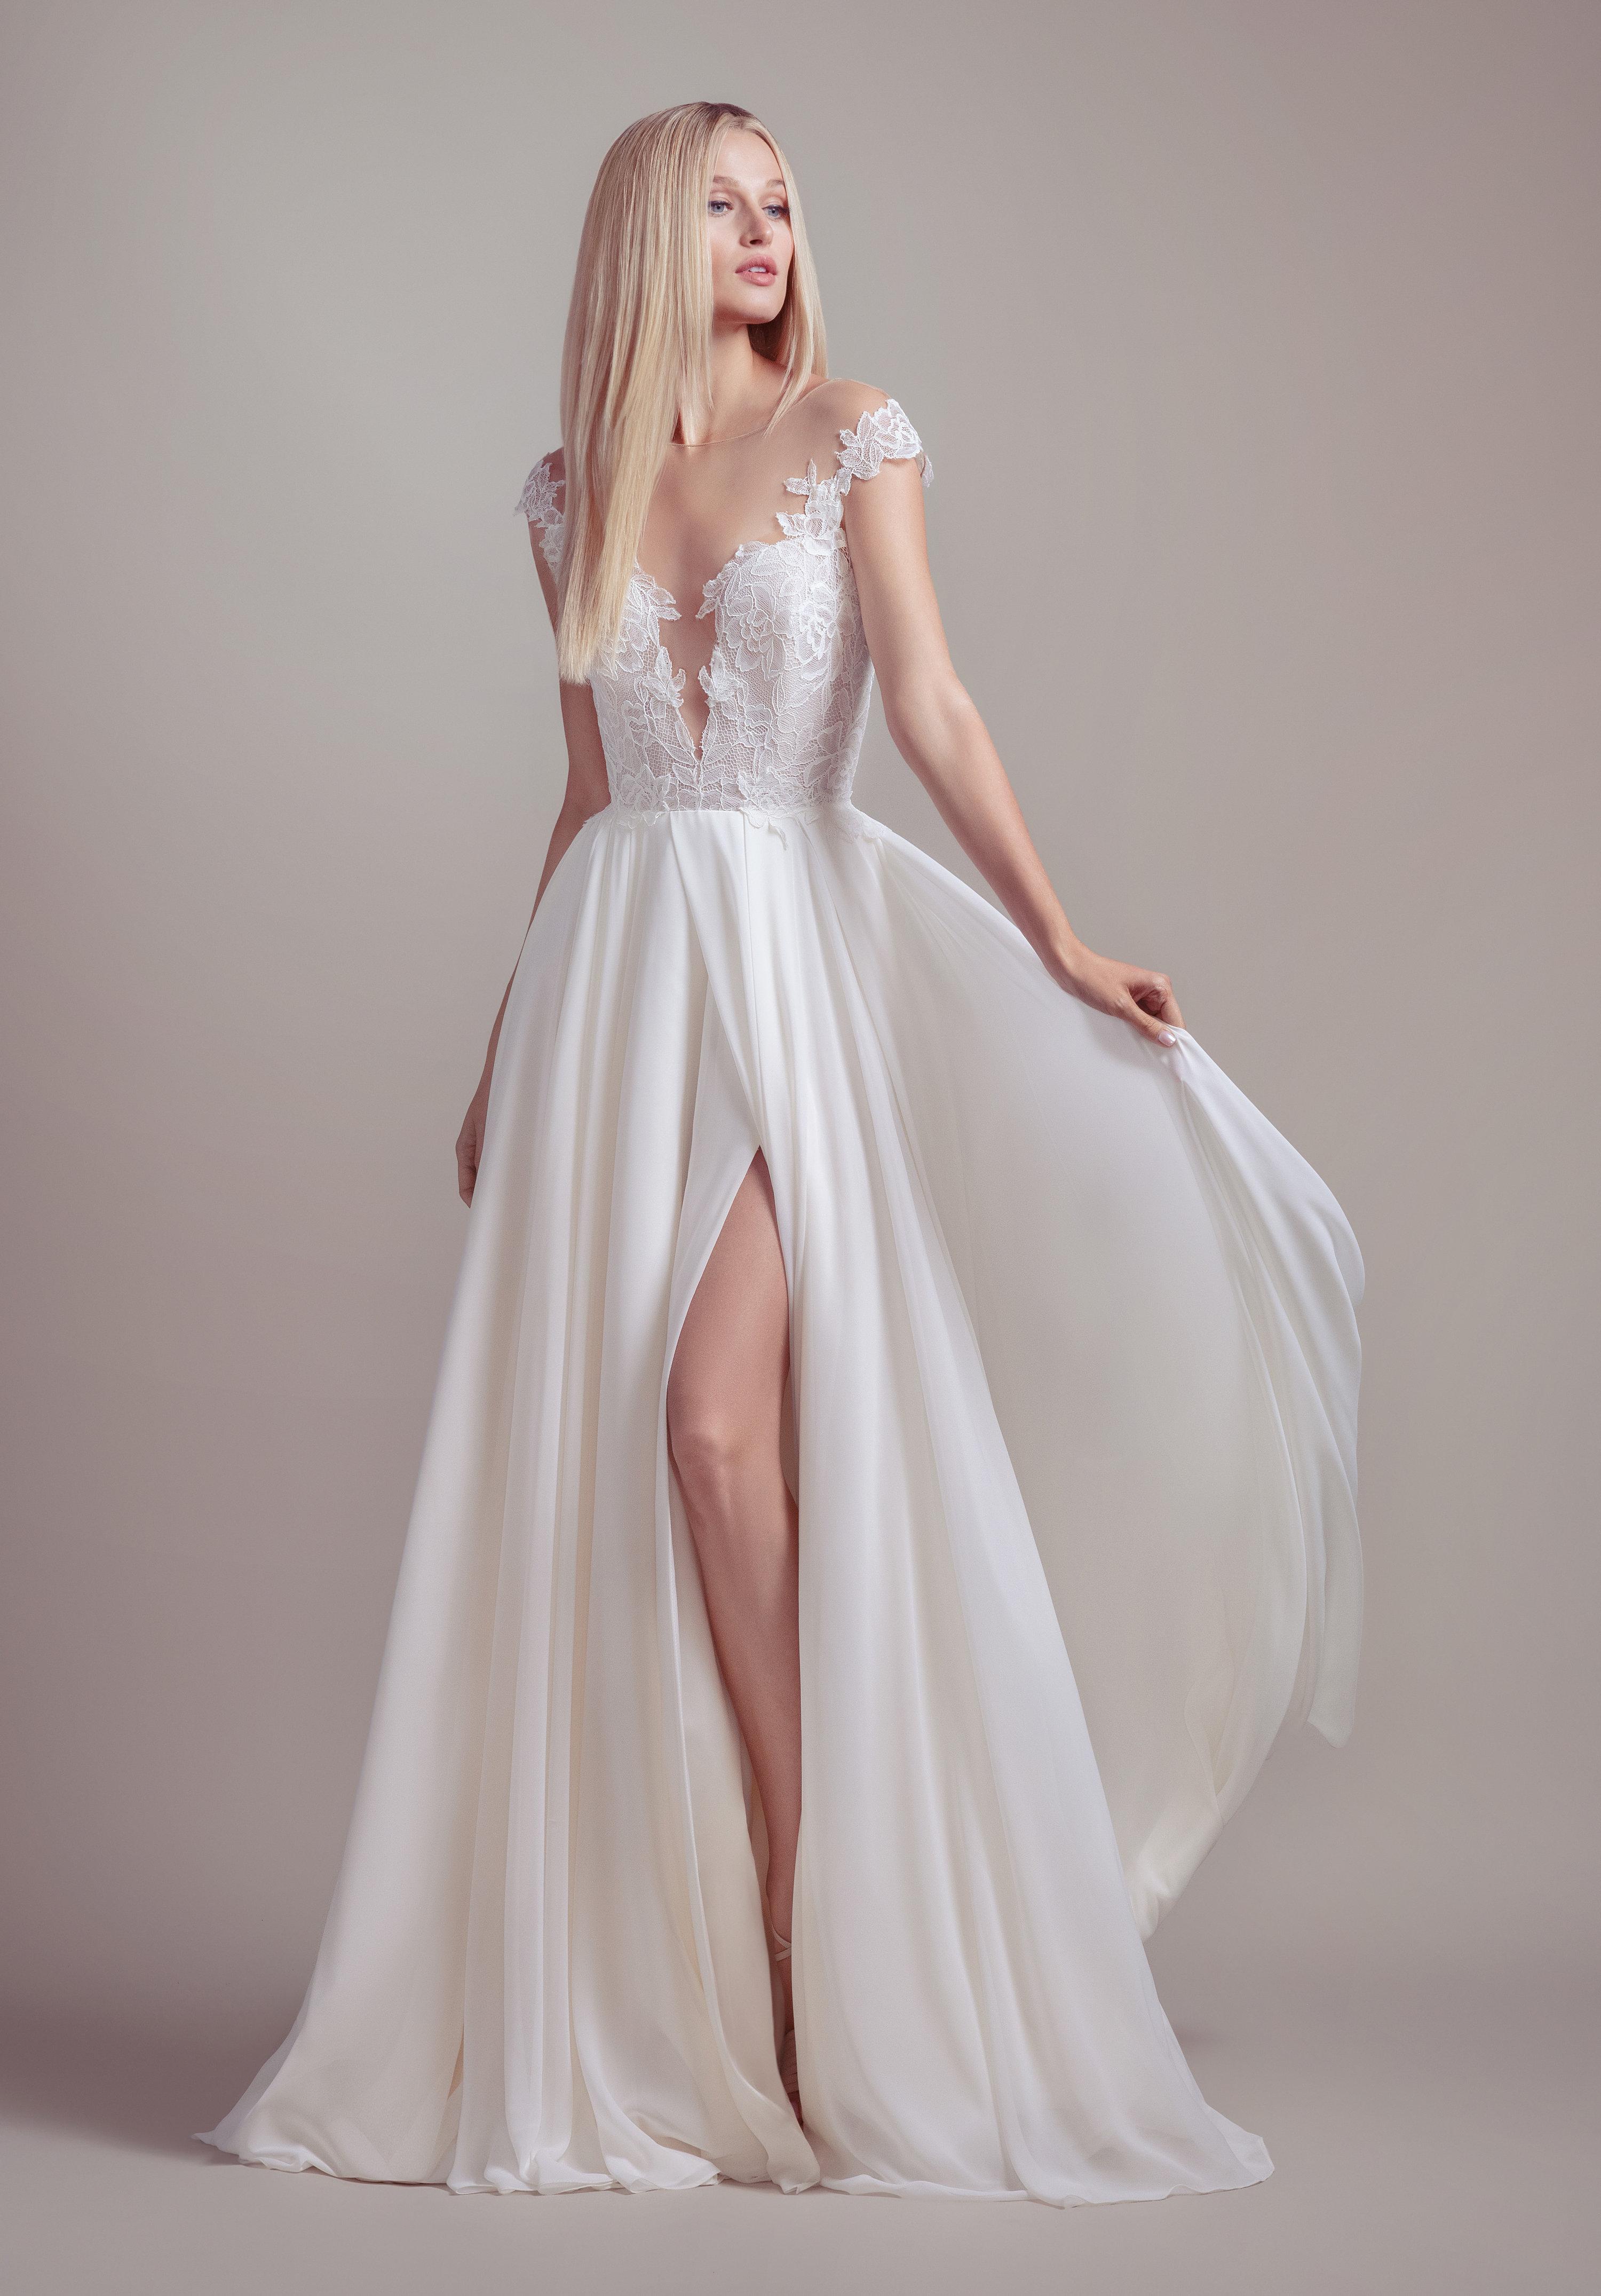 920d764b48b2 Lace Cap Sleeve A-line Wedding Dress   Kleinfeld Bridal